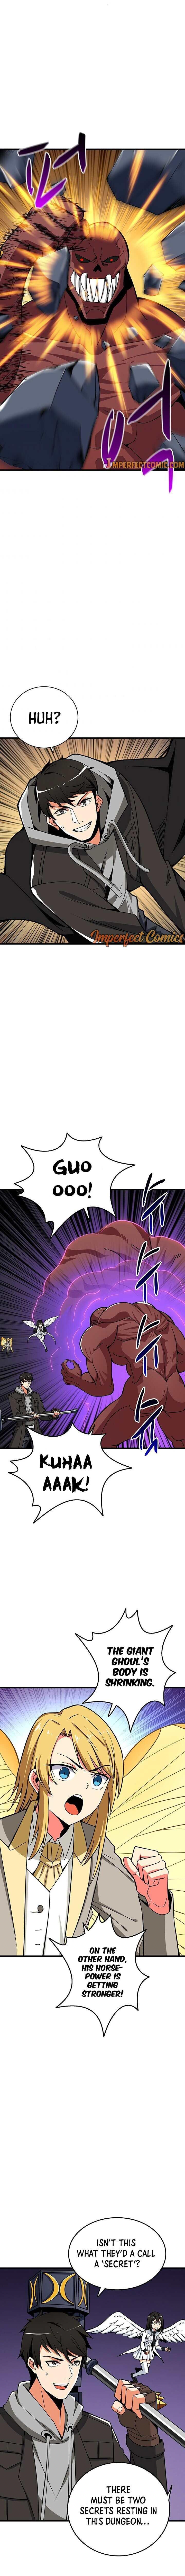 I Log In Alone Chapter 70 page 12 - Mangakakalots.com